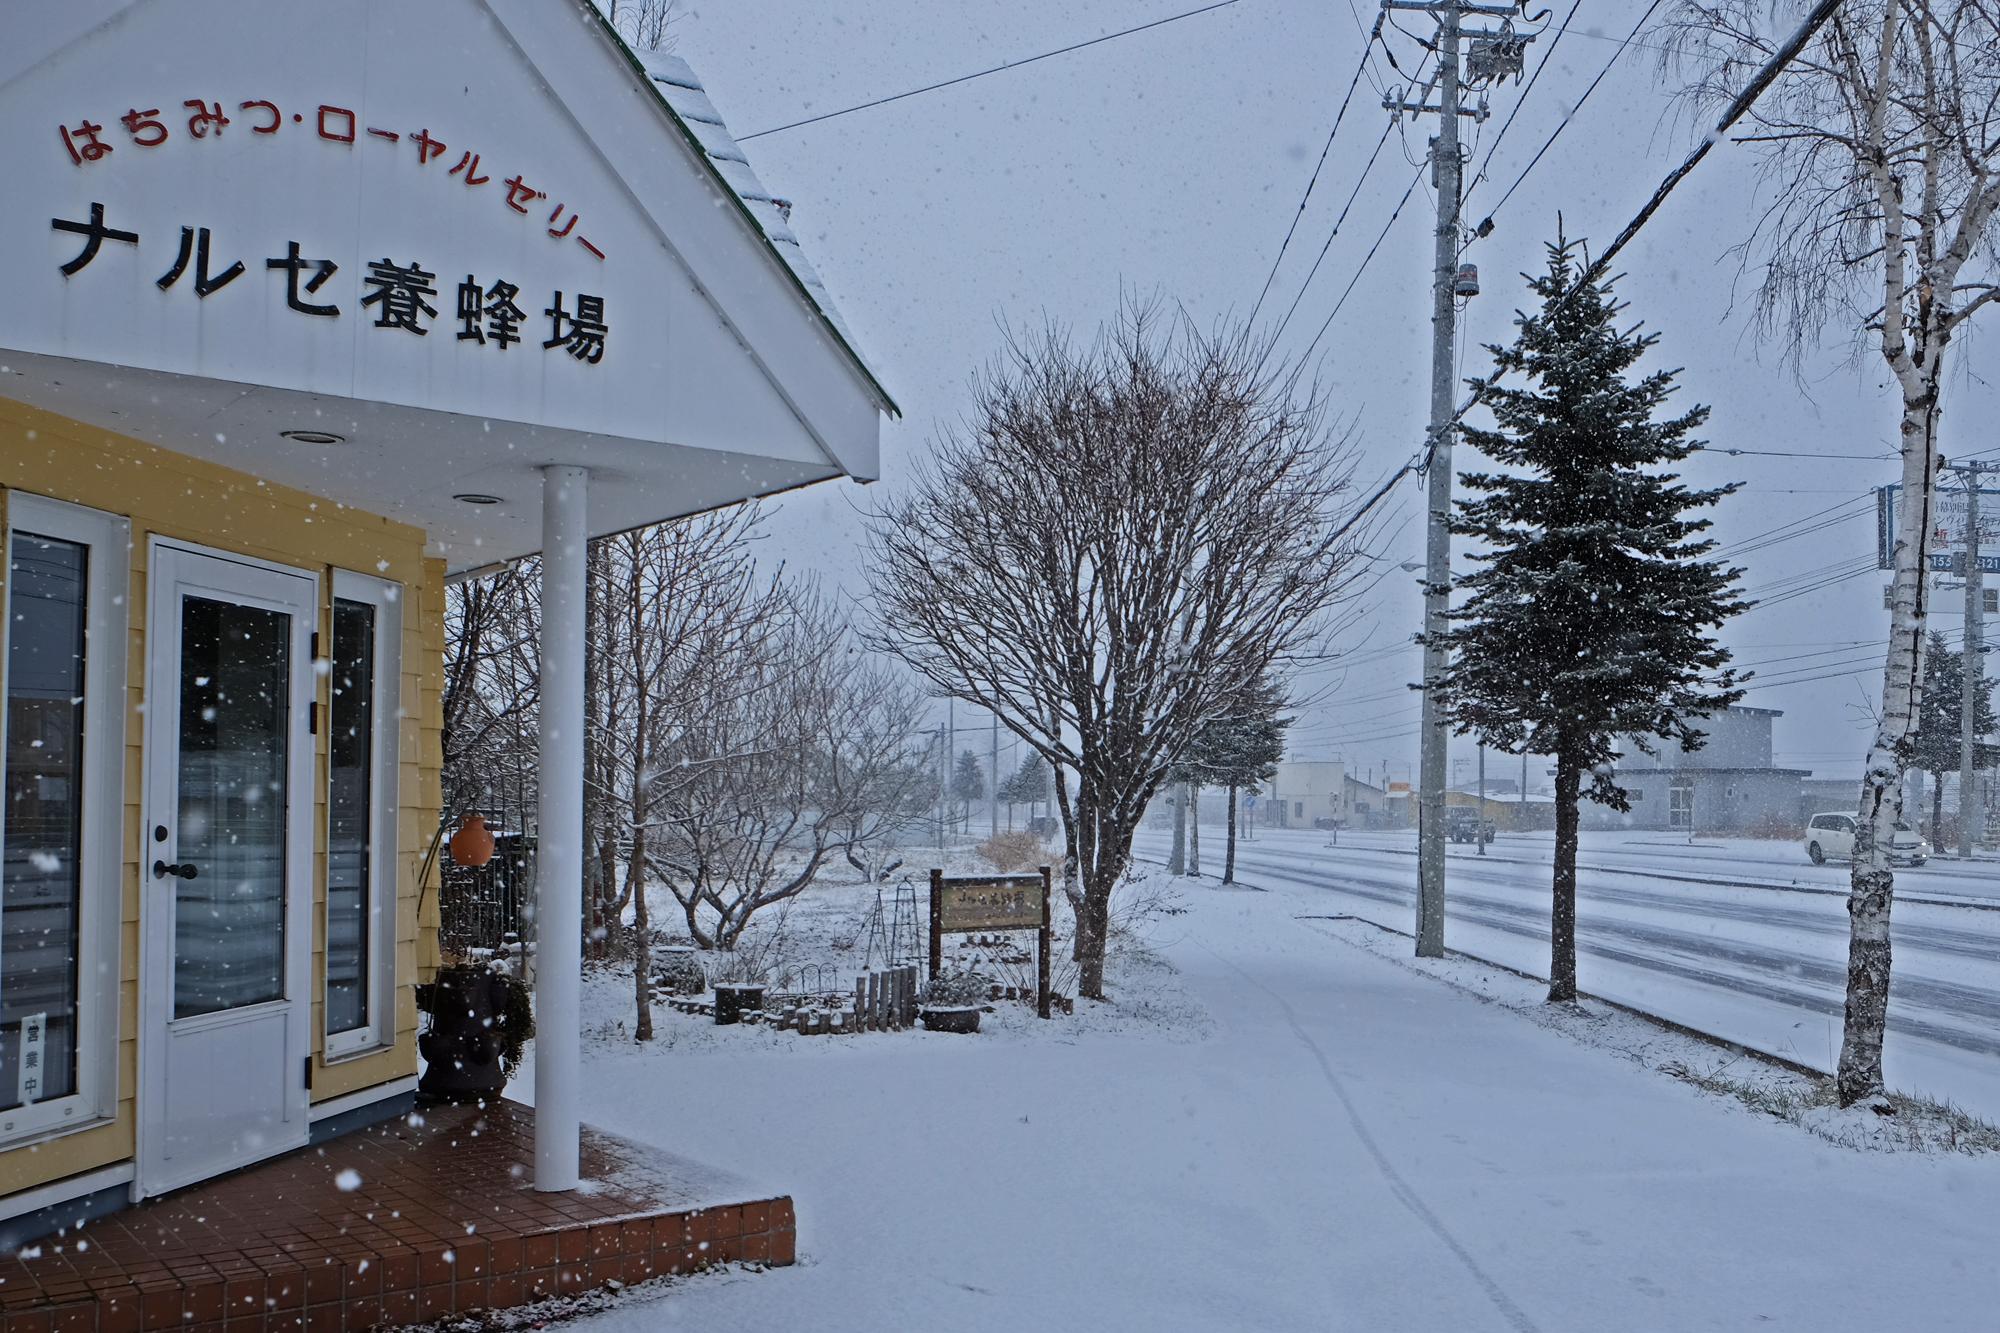 降雪 北海道十勝